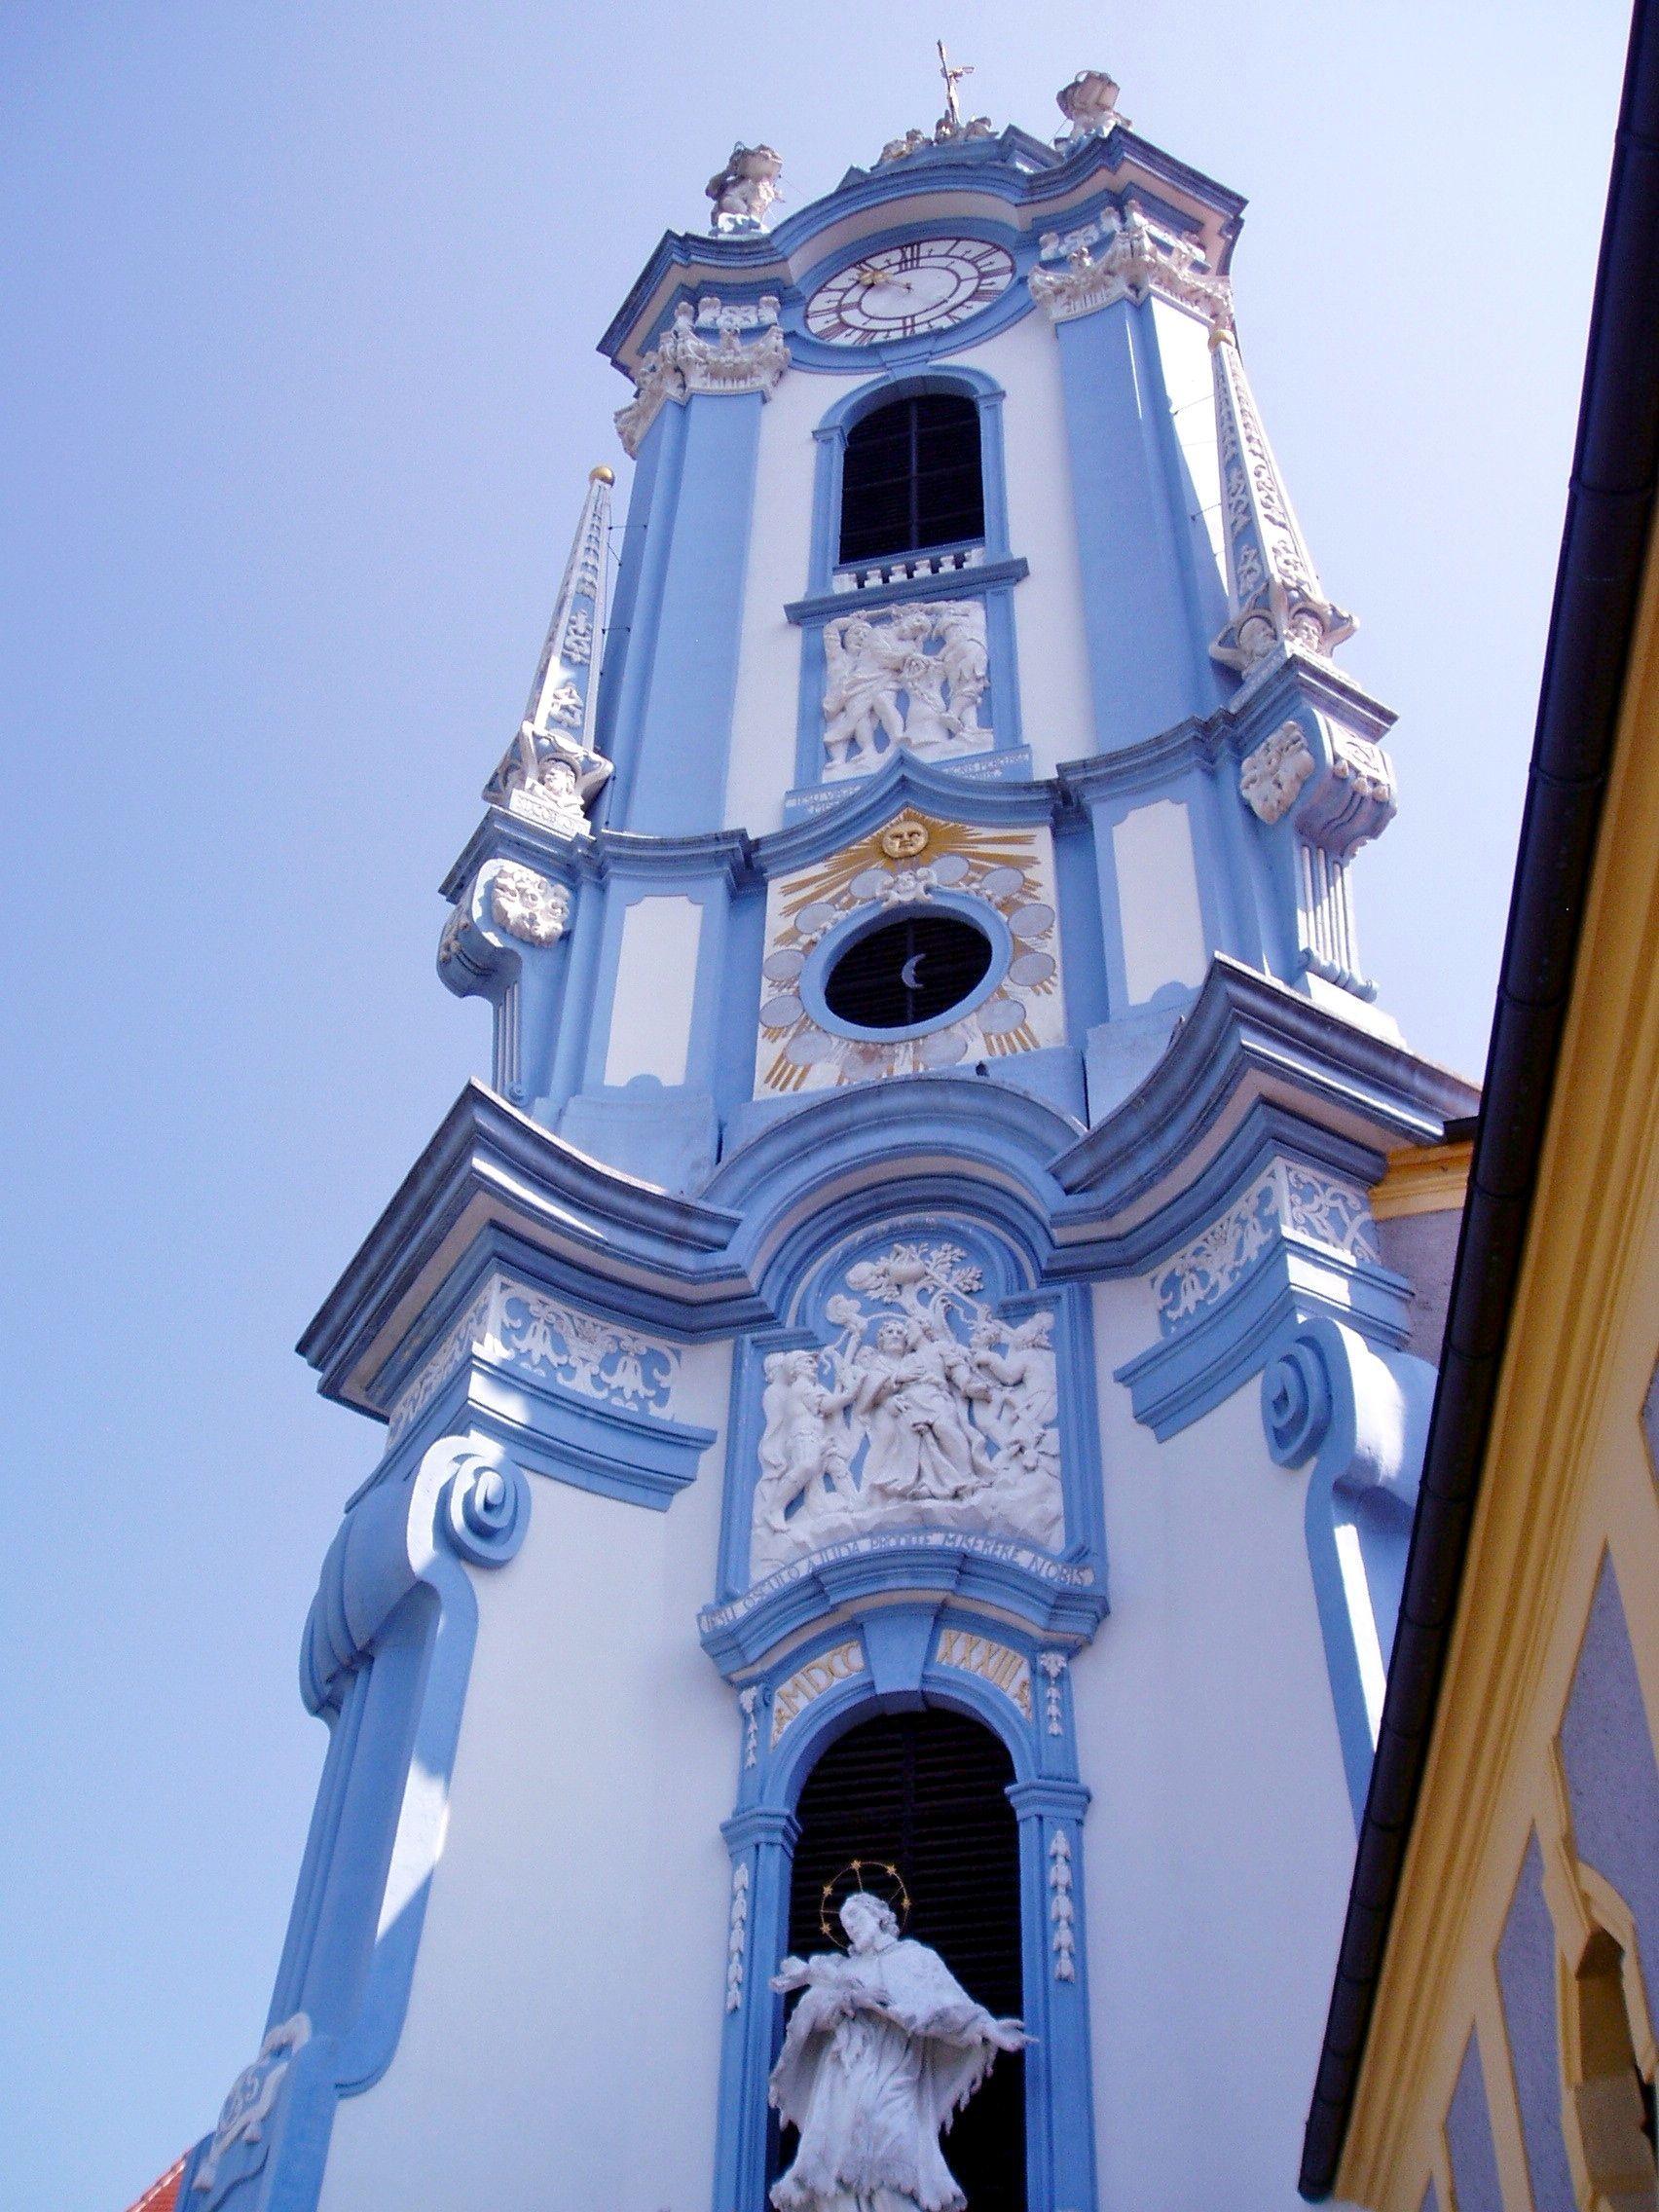 beautiful baroque steeple in Duernstein, Austria